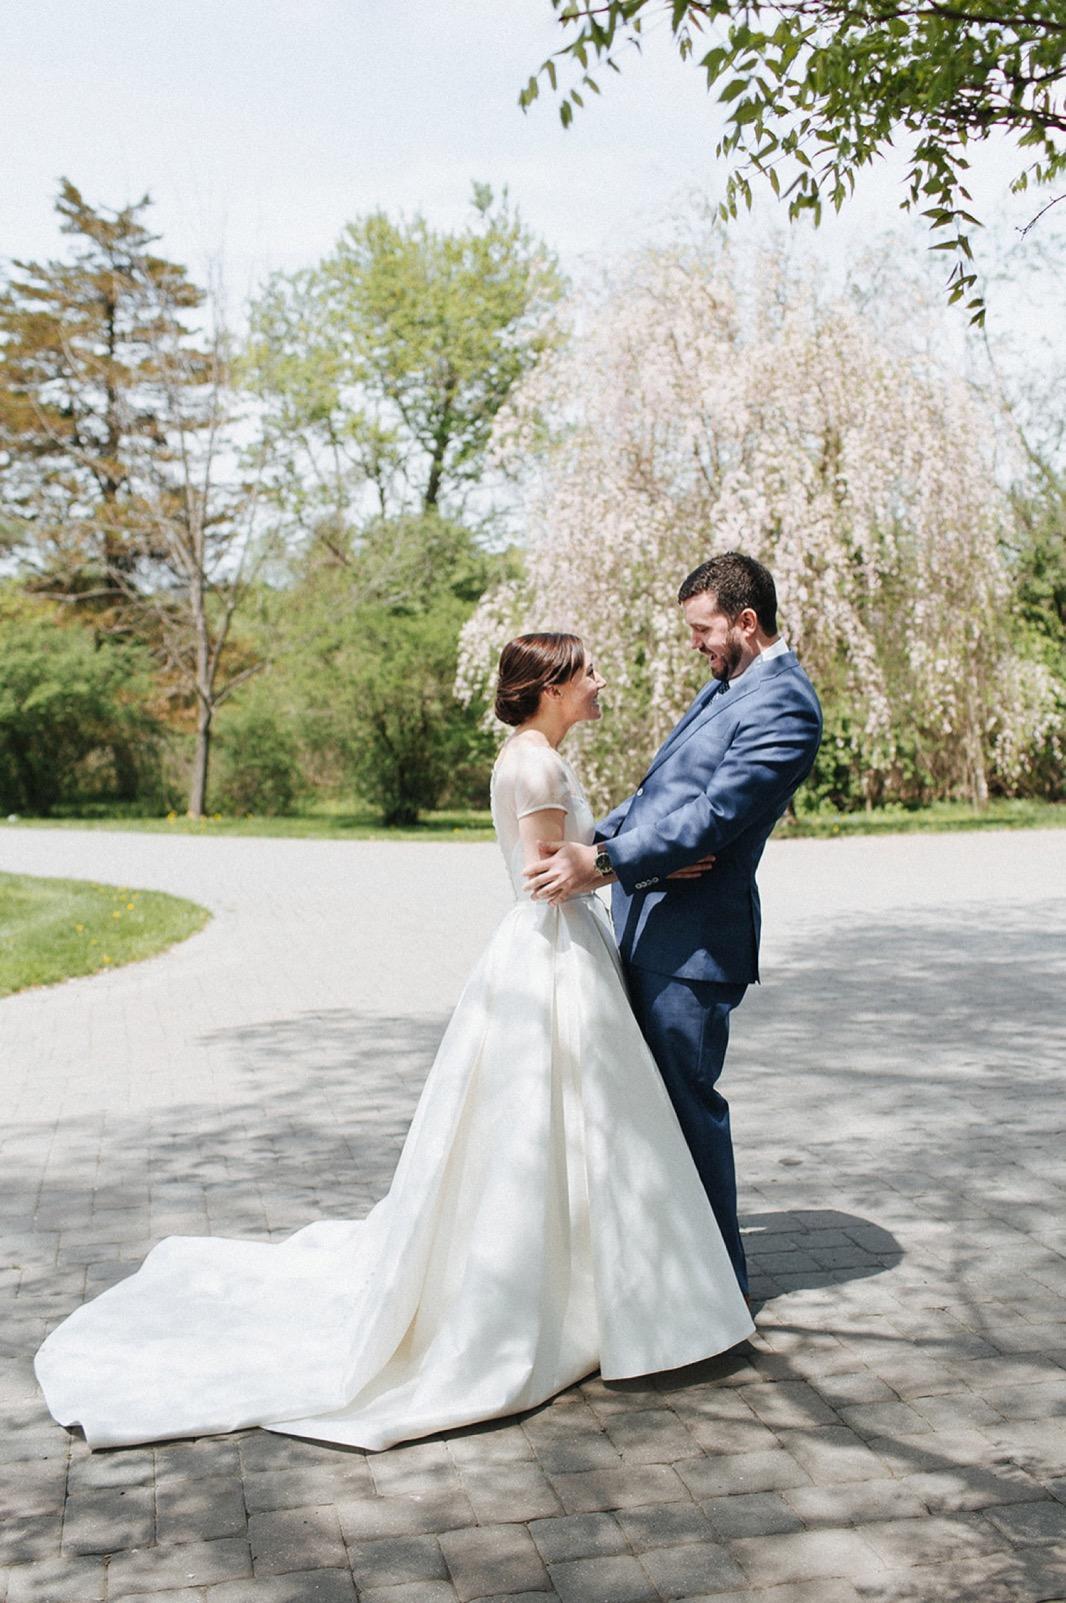 19_sheaf_county_barley_wedding_photography_bucks.jpg